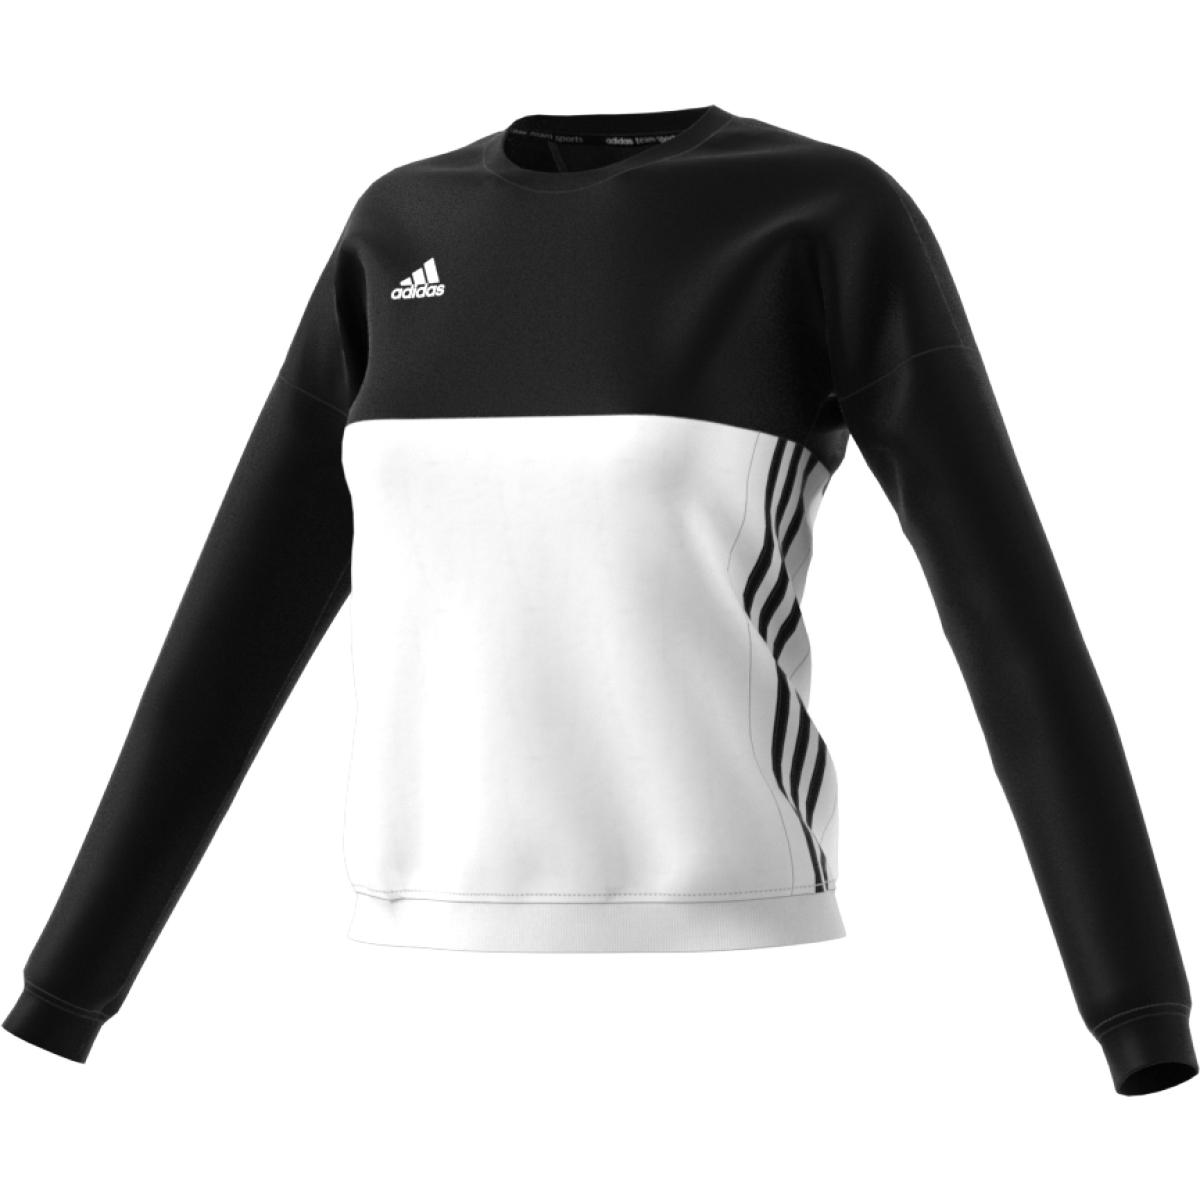 adidas T16 Team Sweater Damen schwarz weiß AJ5414